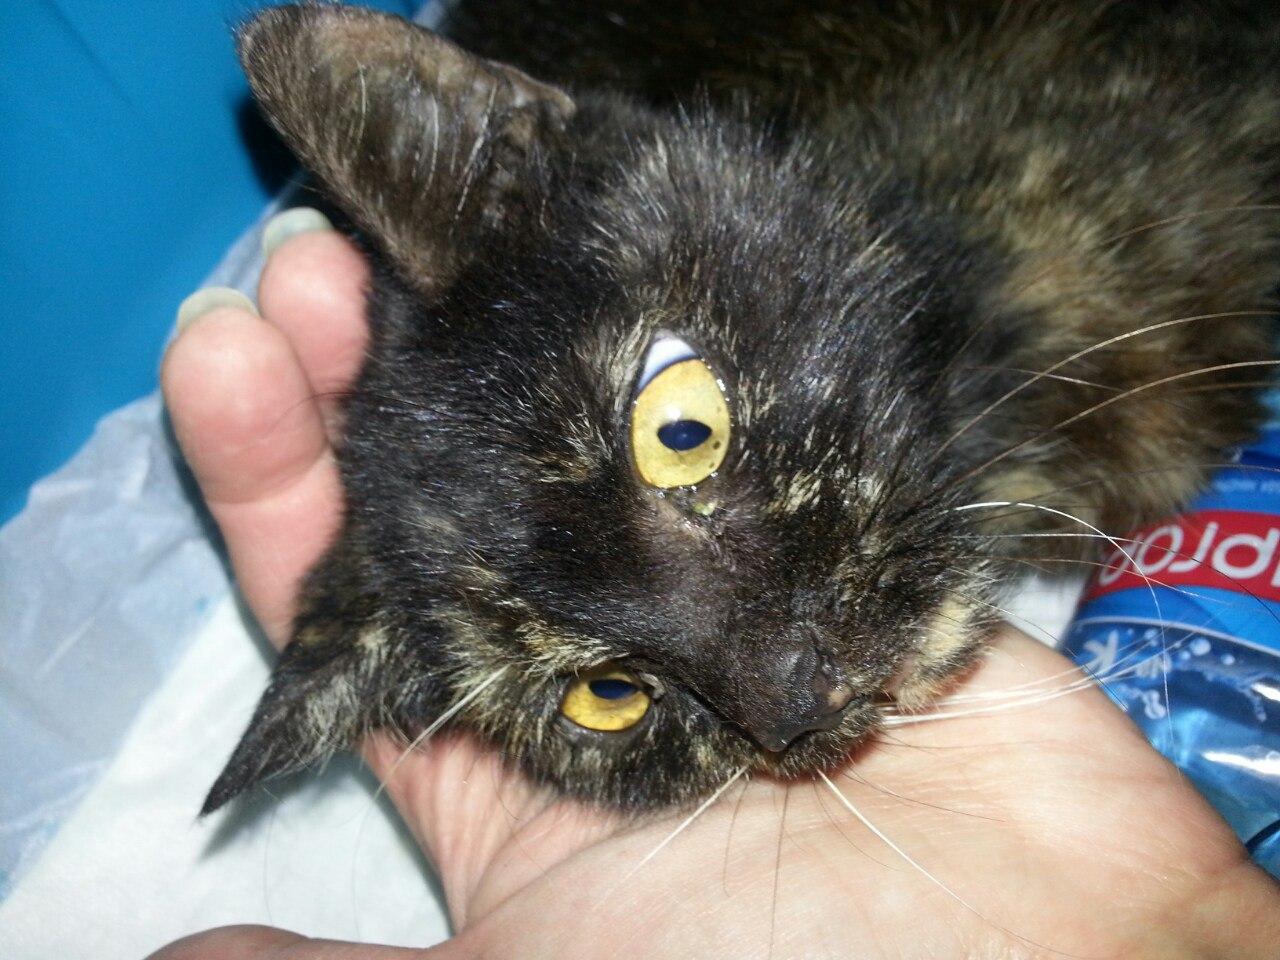 Её нашли в посёлке, в укусах и при смерти… Добрые люди отвезли крошку-кошку в город: теперь Розочка уже пробует ходить